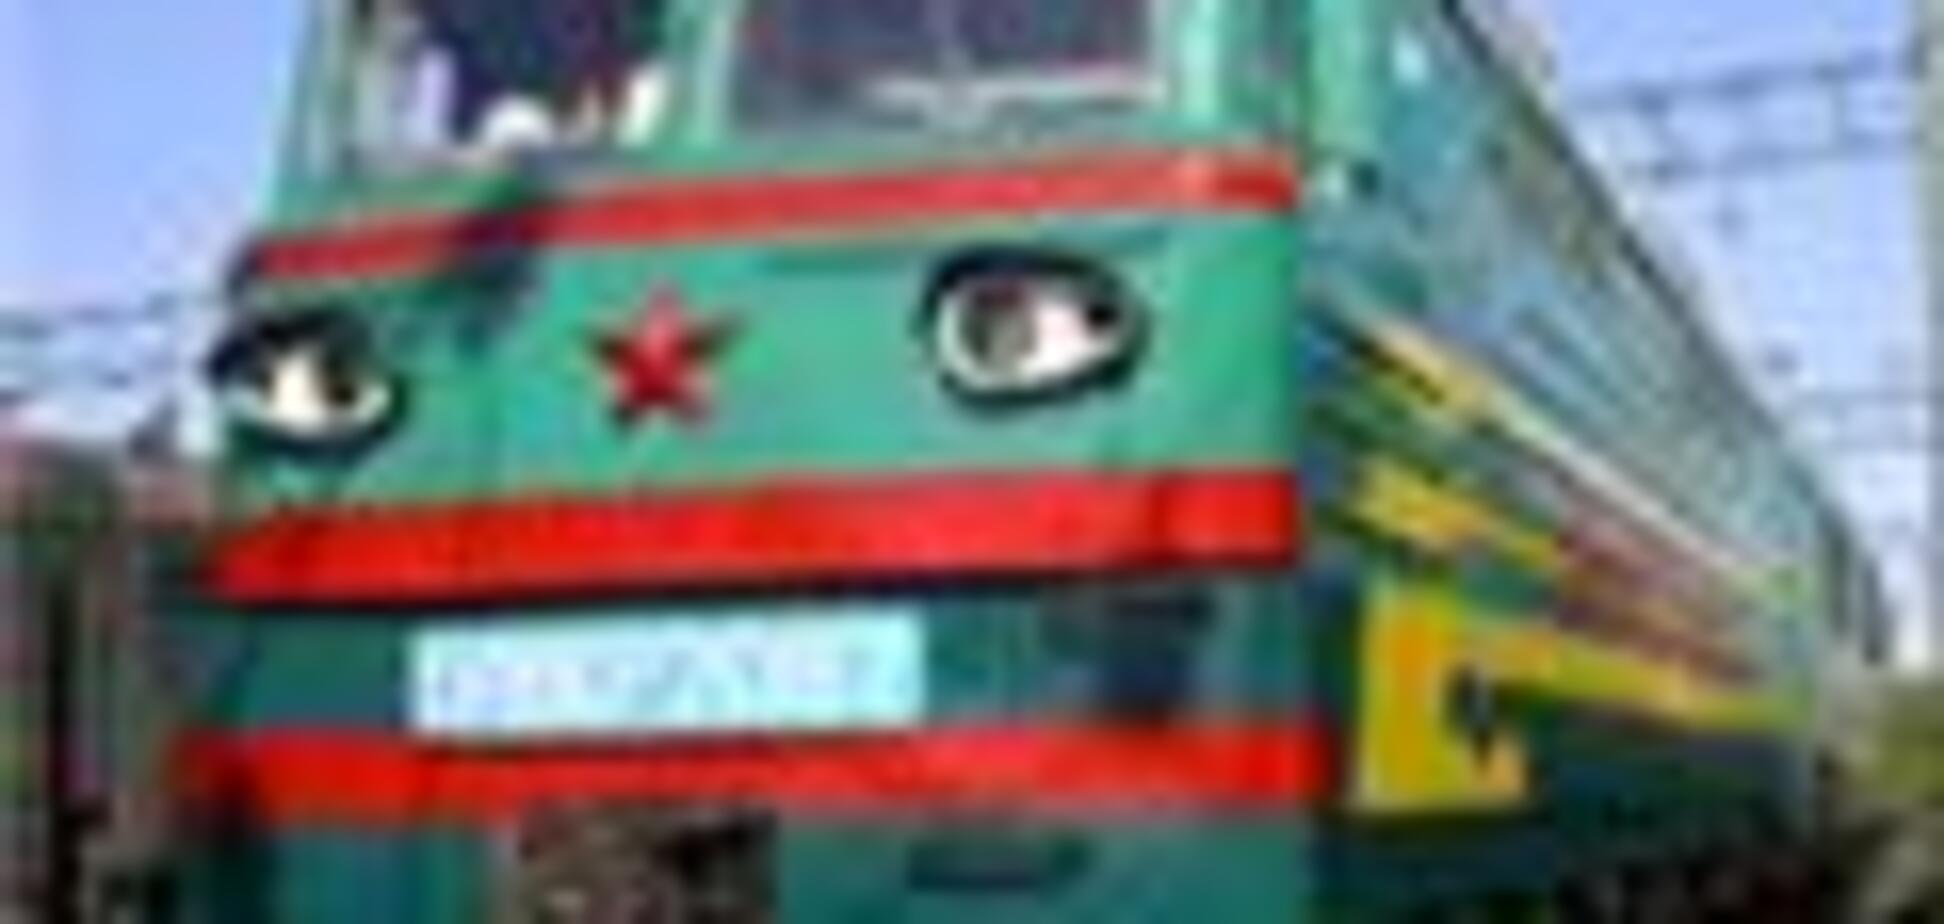 Пожары на артскладах сорвали график движения поездов